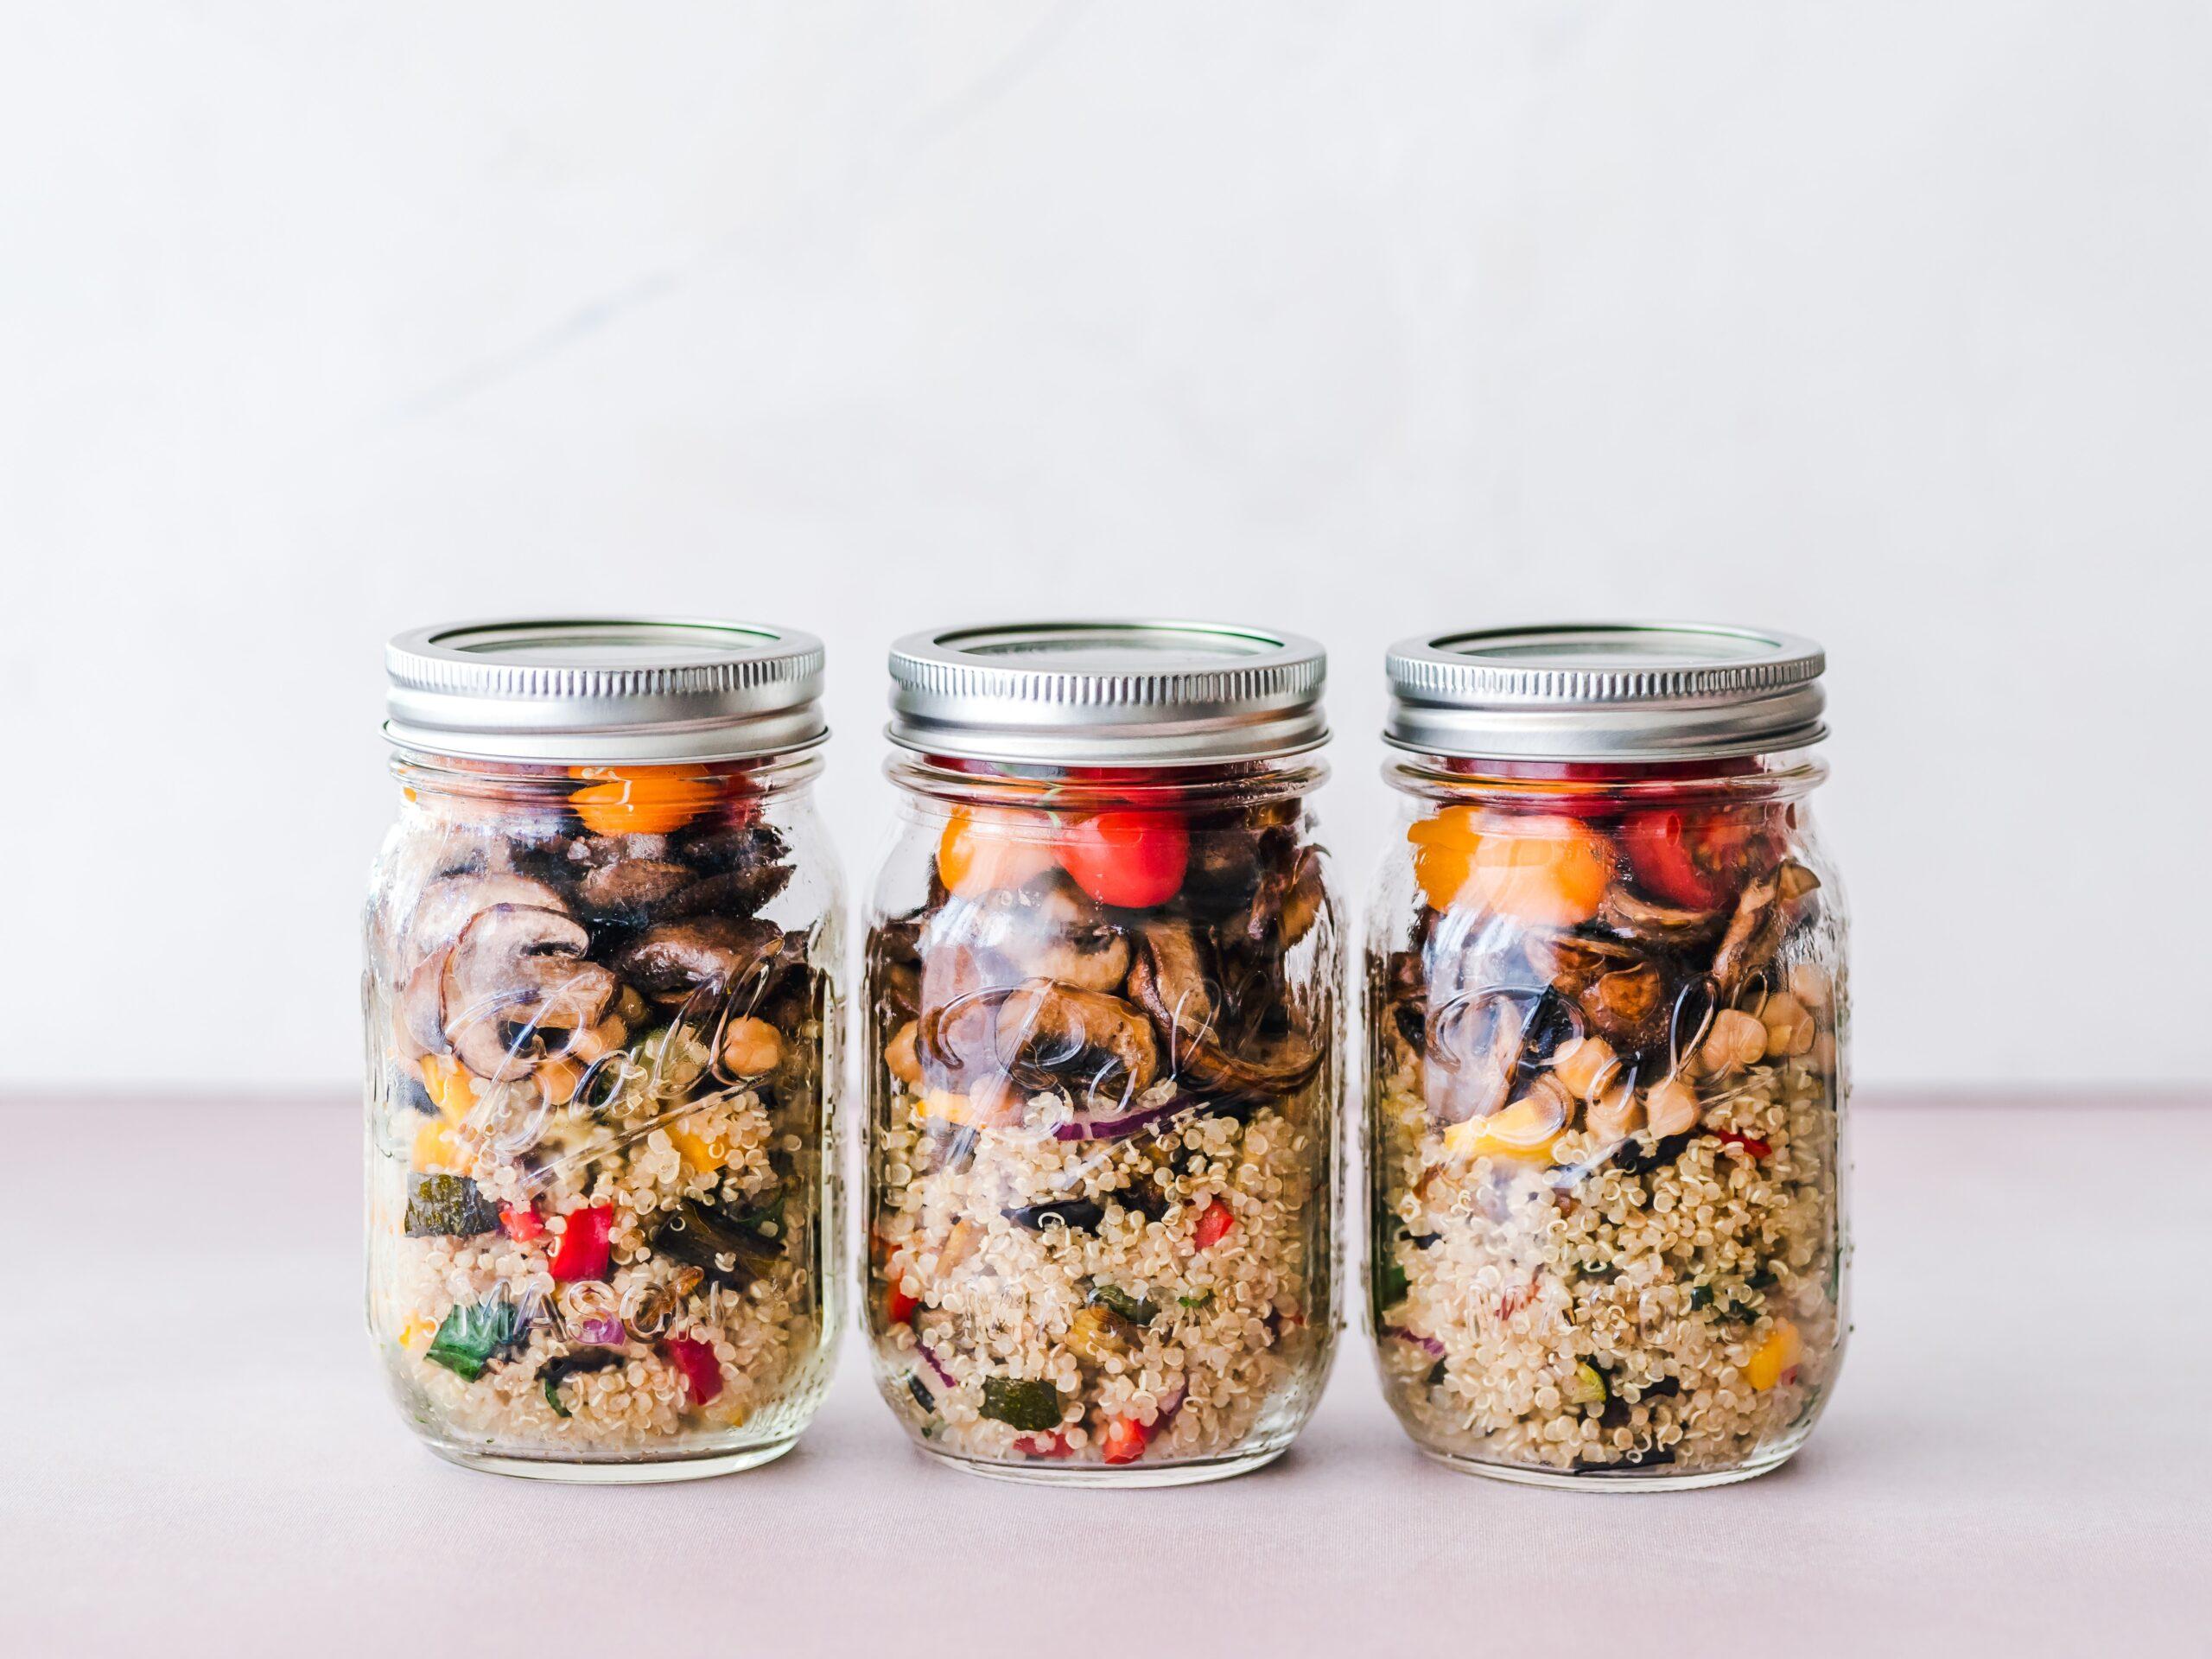 133, action, glass jar, food, waste